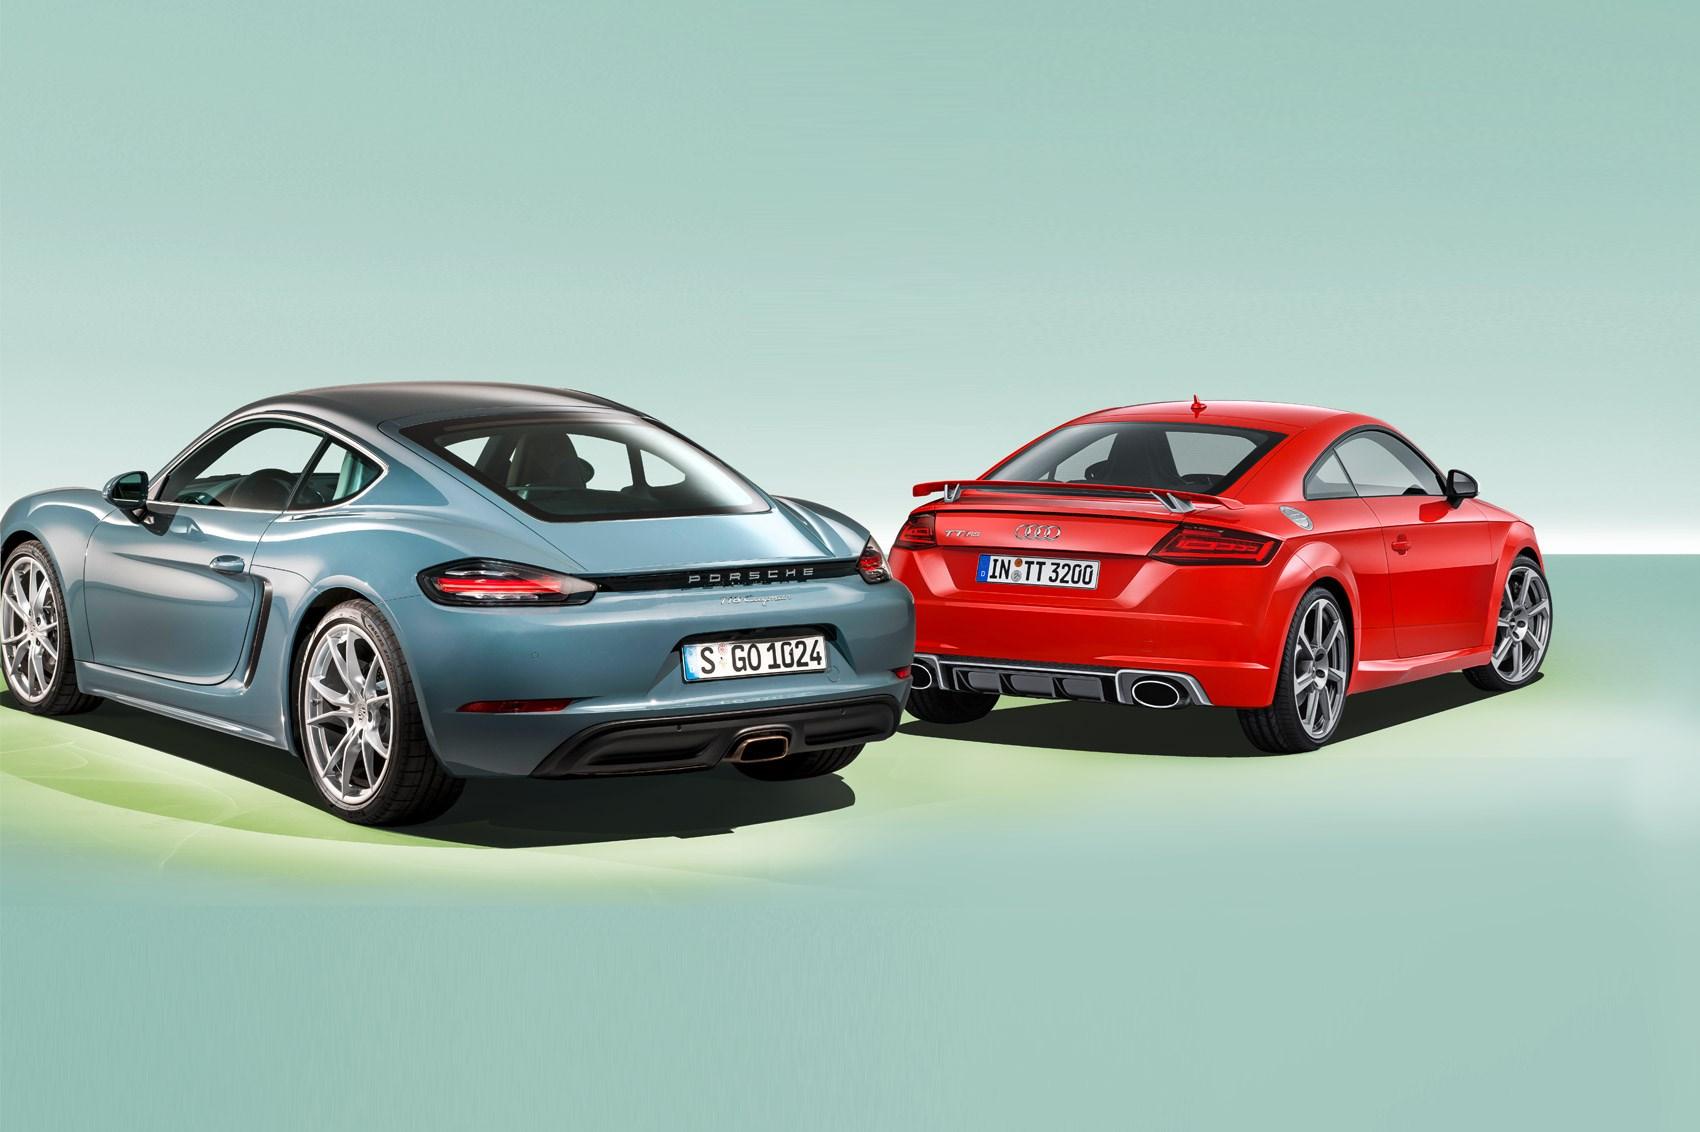 Kelebihan Kekurangan Audi Porsche Top Model Tahun Ini